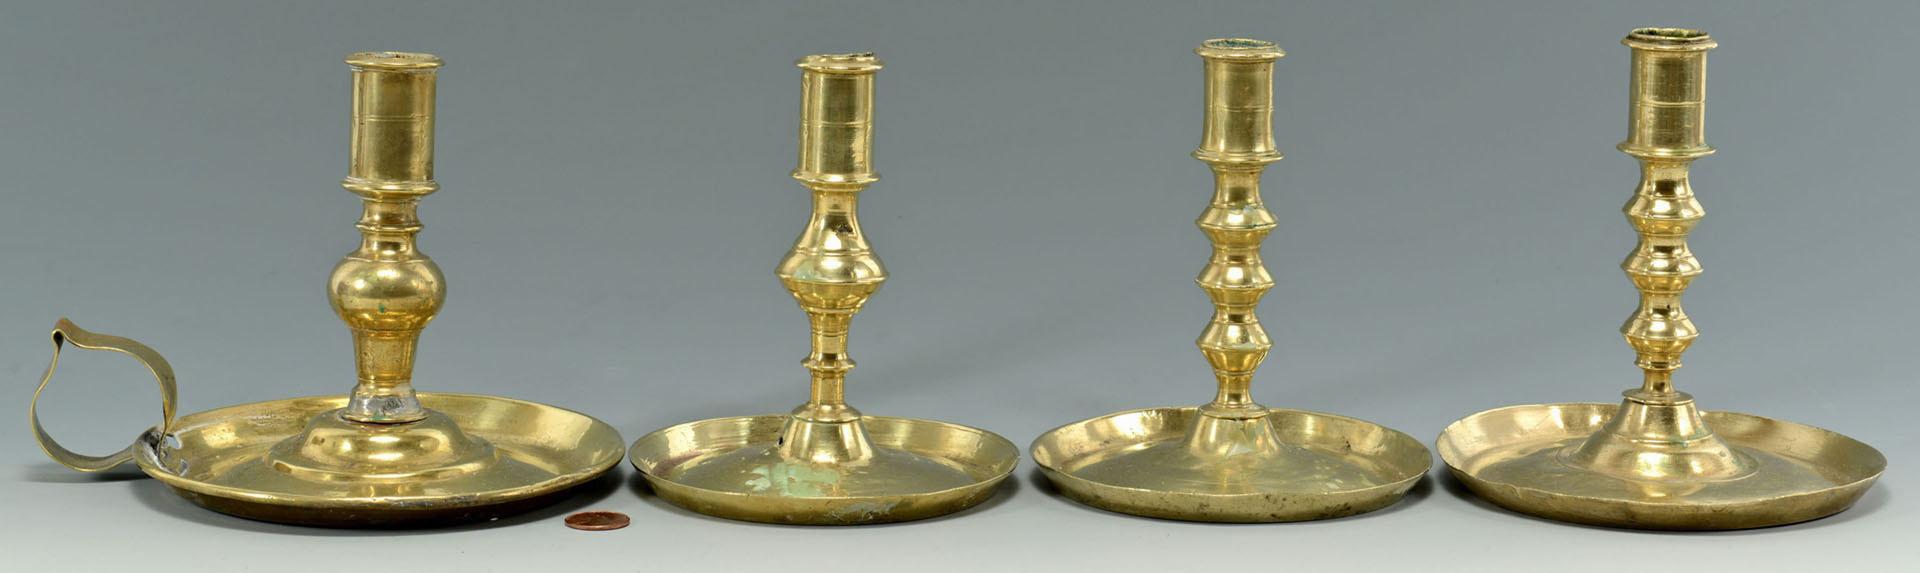 Lot 254: 3 Brass Candlesticks and 1 Chamberstick